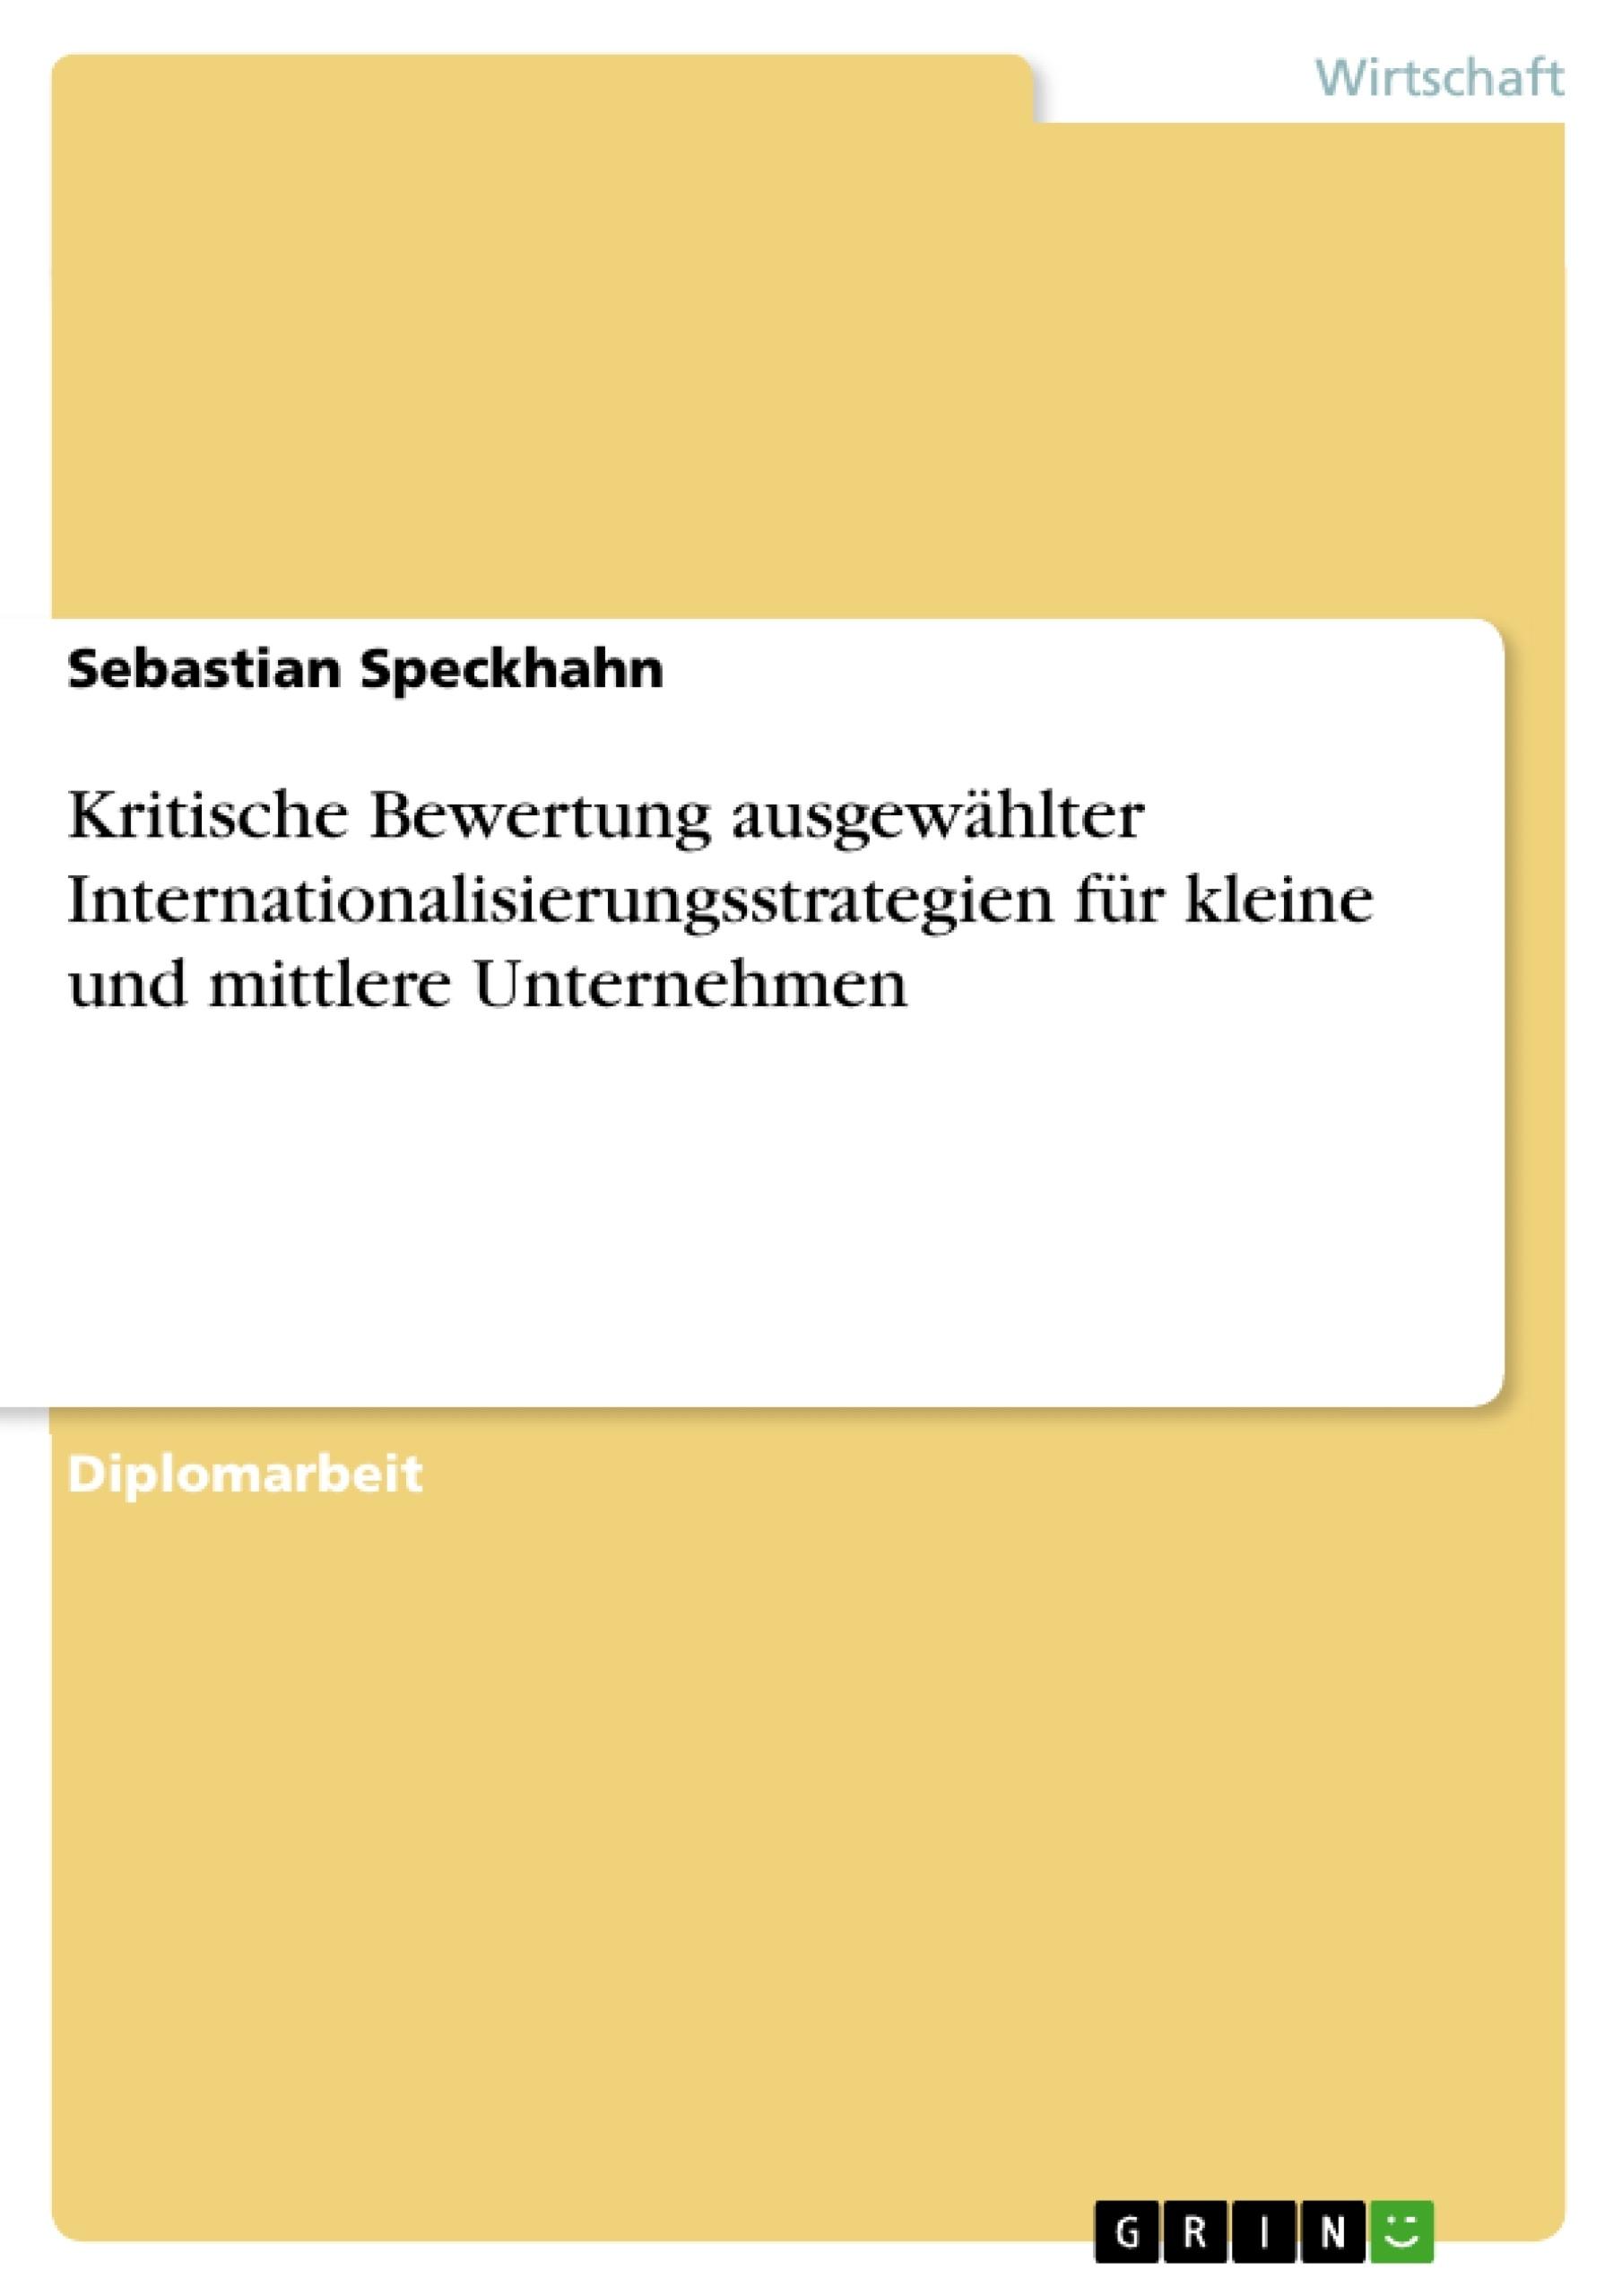 Titel: Kritische Bewertung ausgewählter Internationalisierungsstrategien für kleine und mittlere Unternehmen